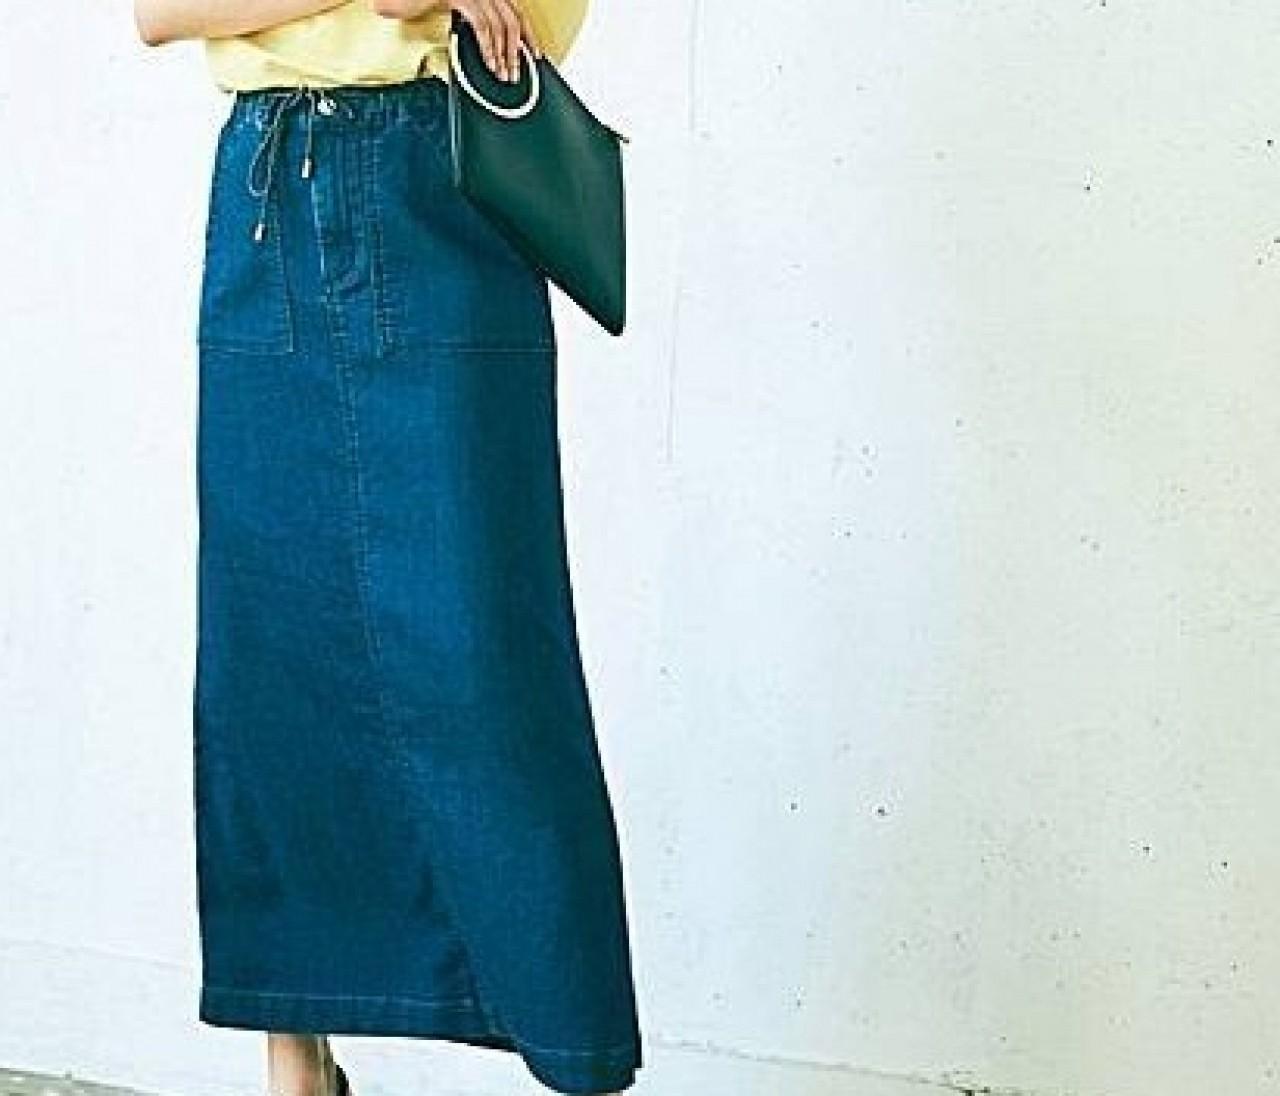 すとん、ときれいなデニムスカート【晴れた日のポチりたガール】